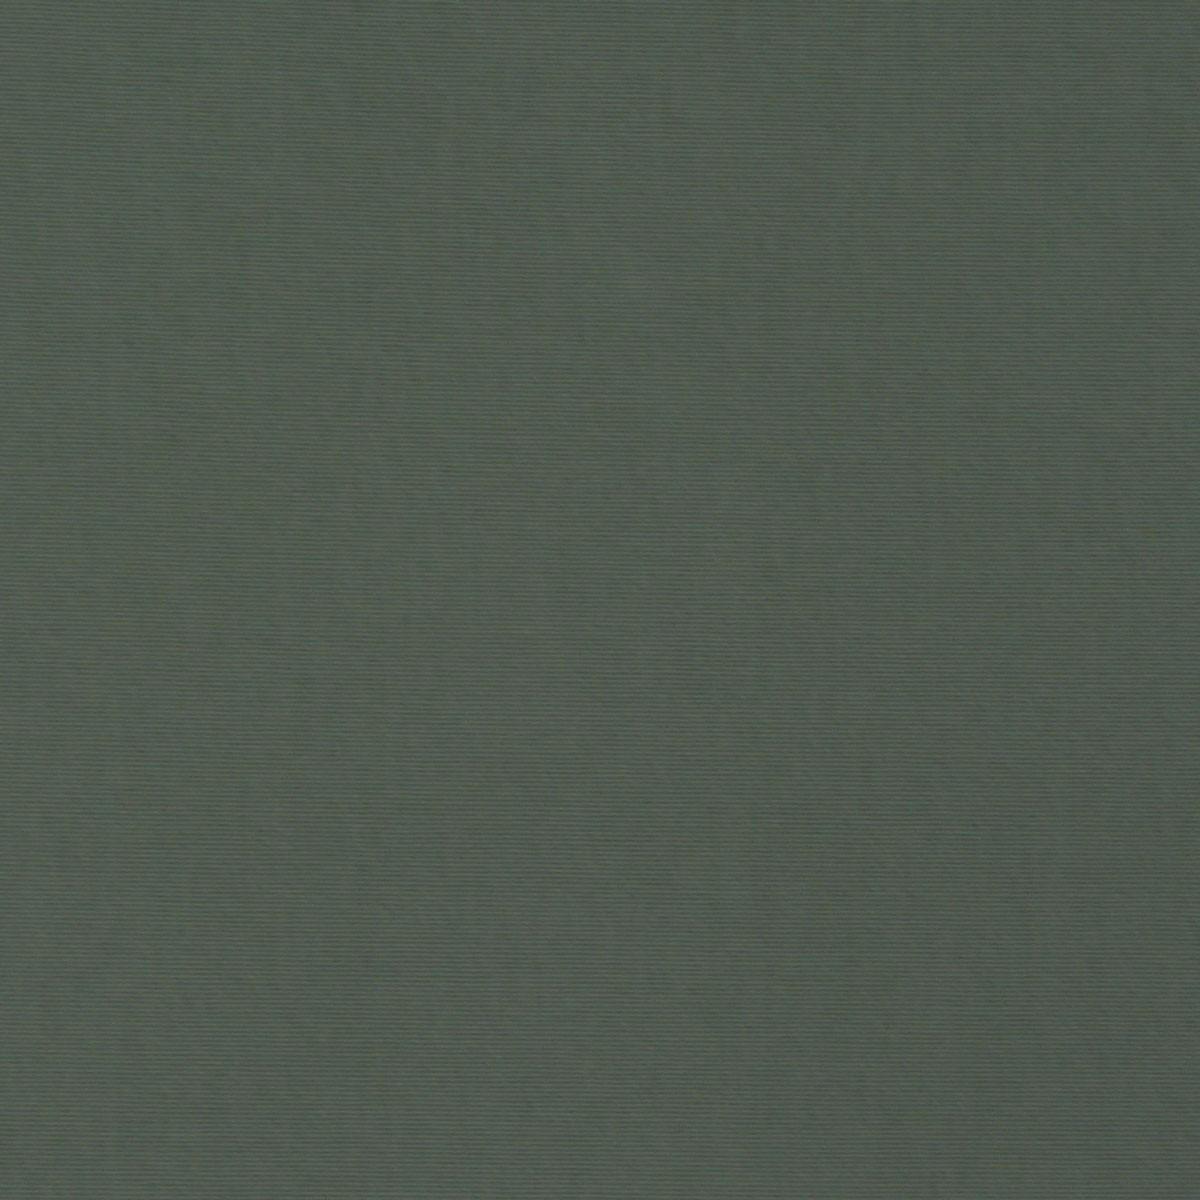 Outdoorstoff Markisenstoff Gartenmöbelstoff Toldo uni grau